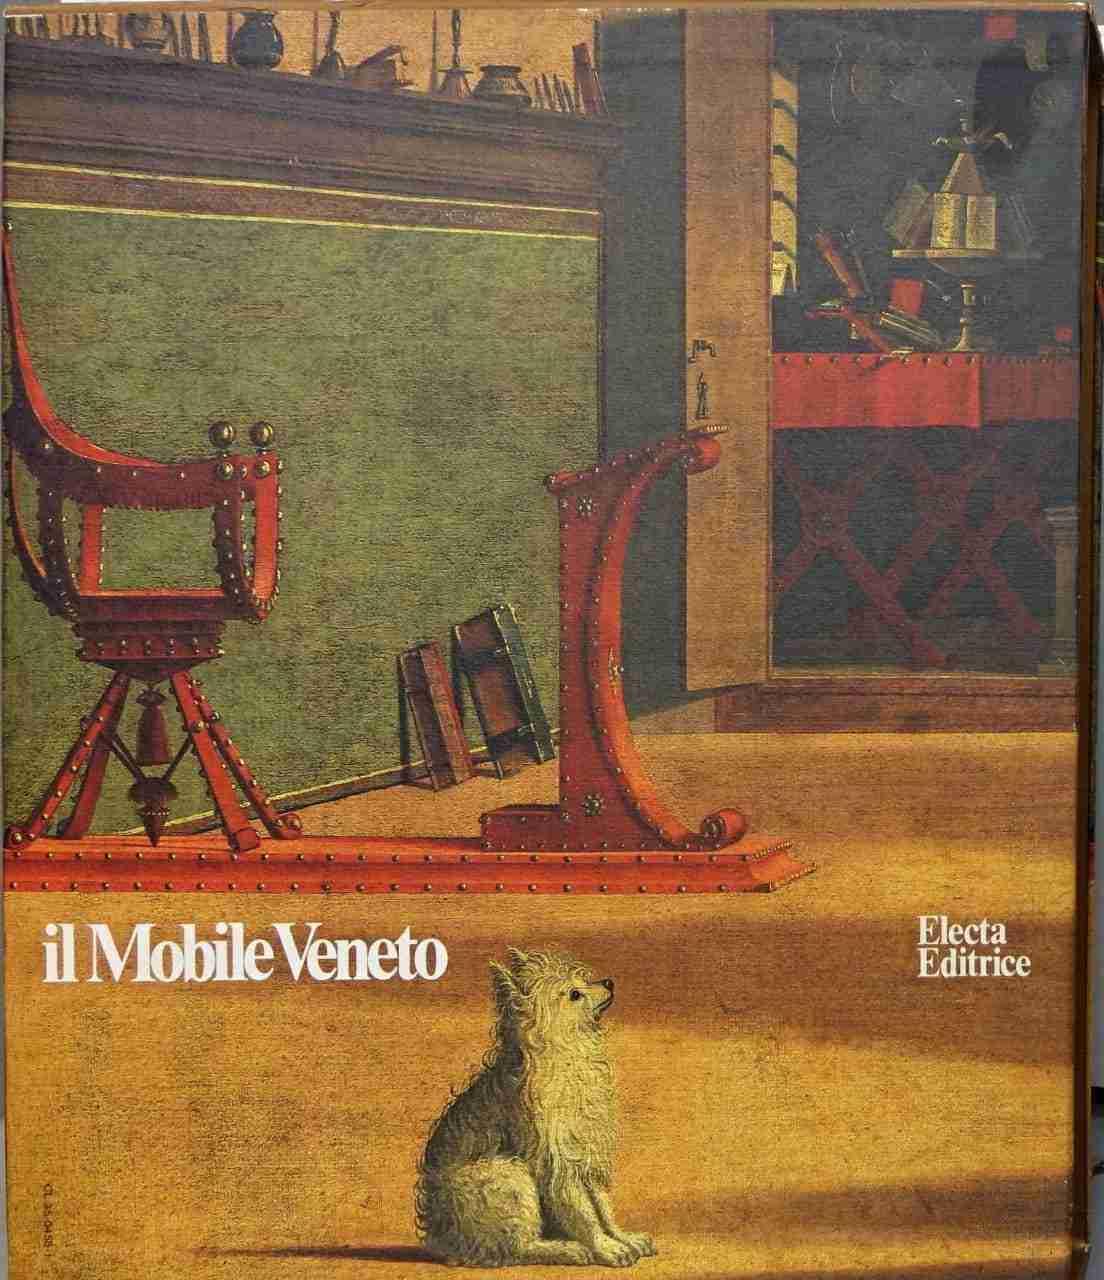 specchiera_veneziana_libro_mobili_veneto_2-copia